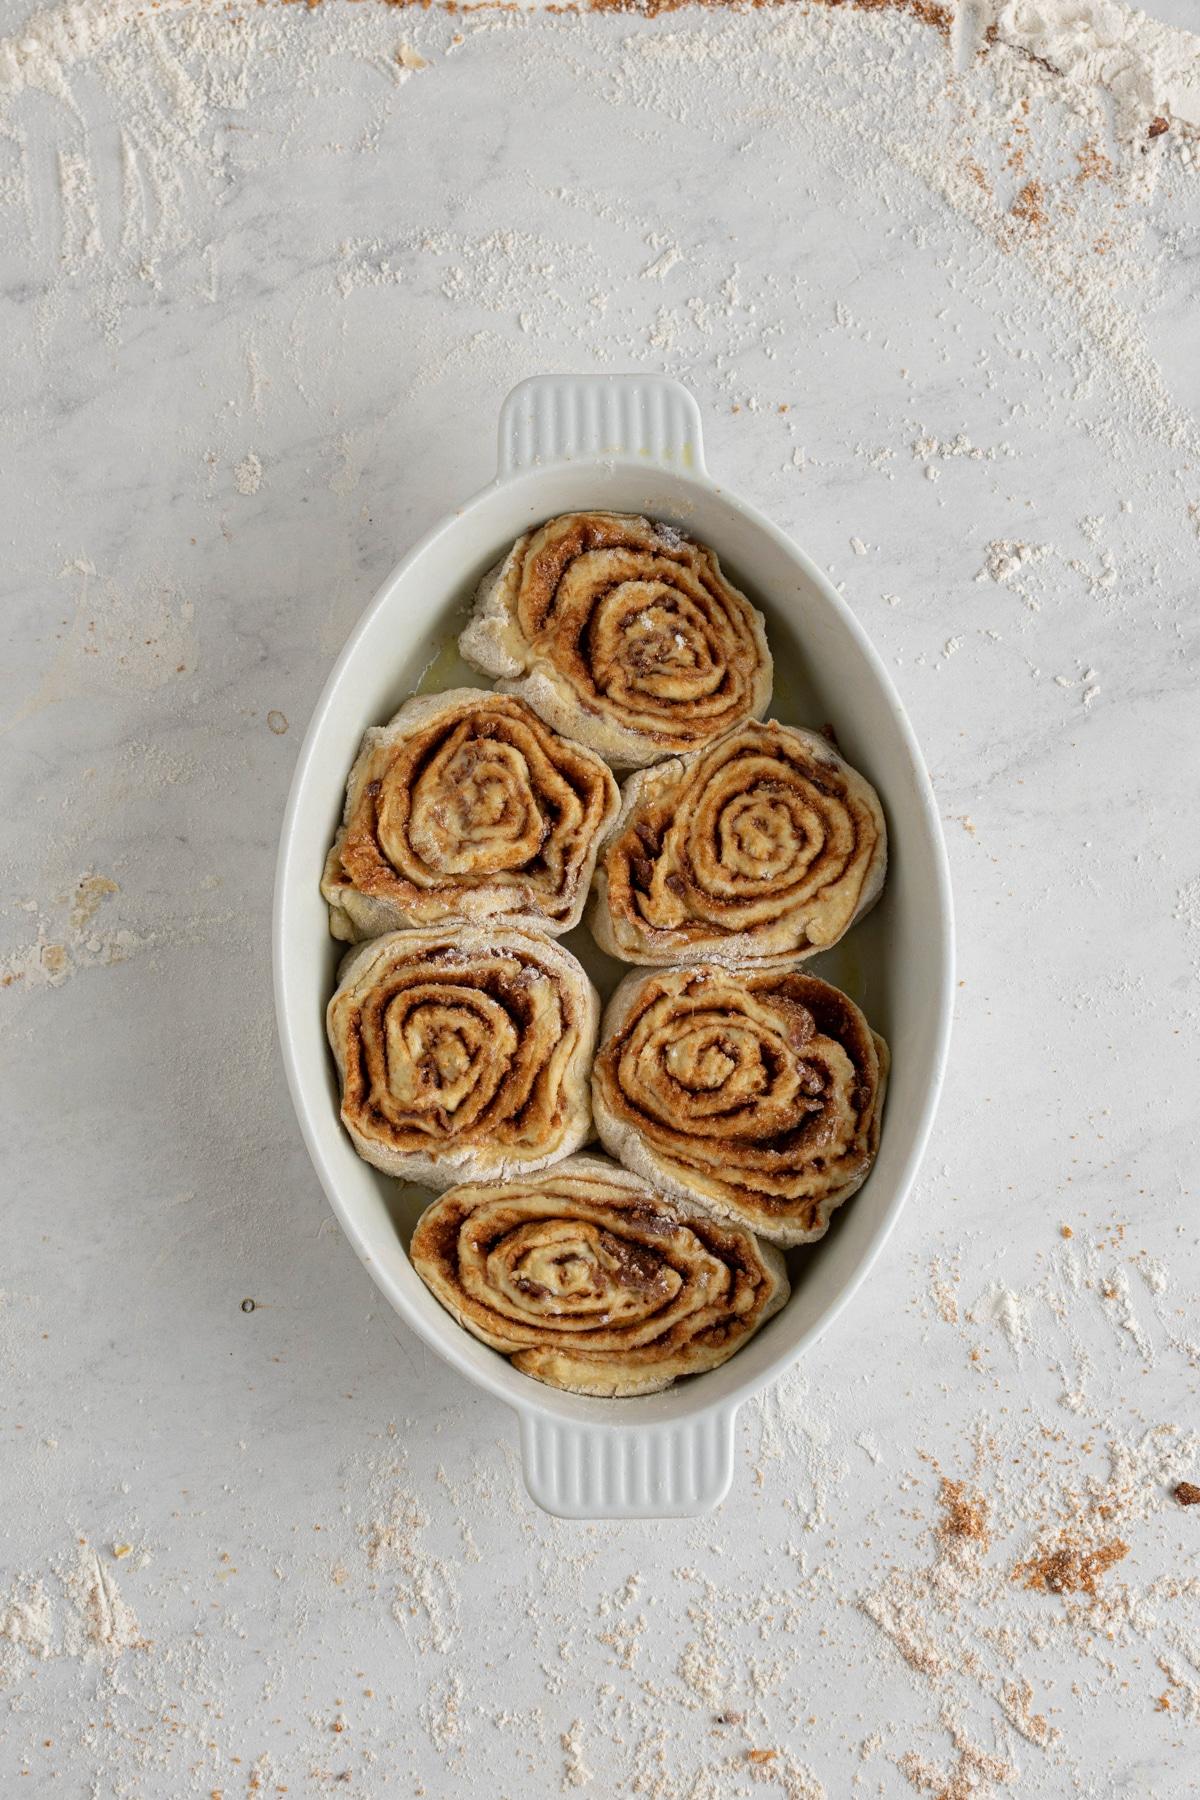 bacon cinnamon rolls in a baking wish